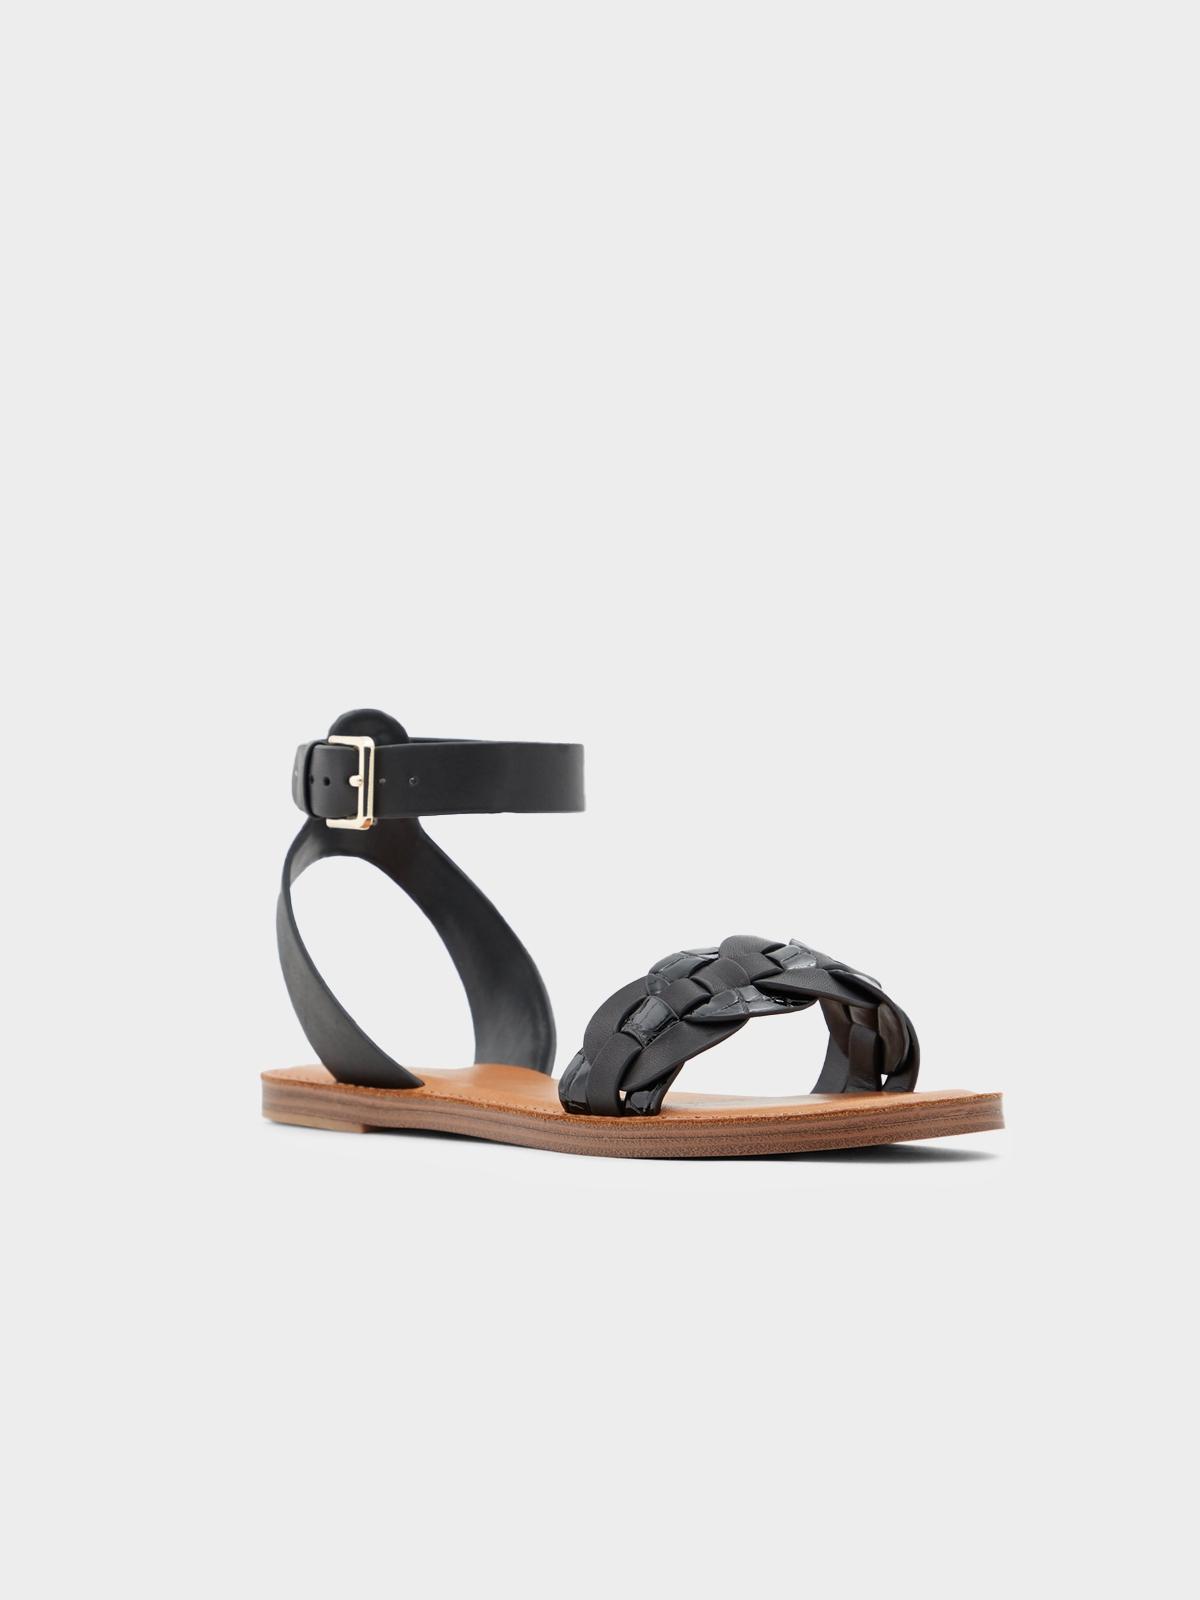 Aldo Ligaria Sandals Black